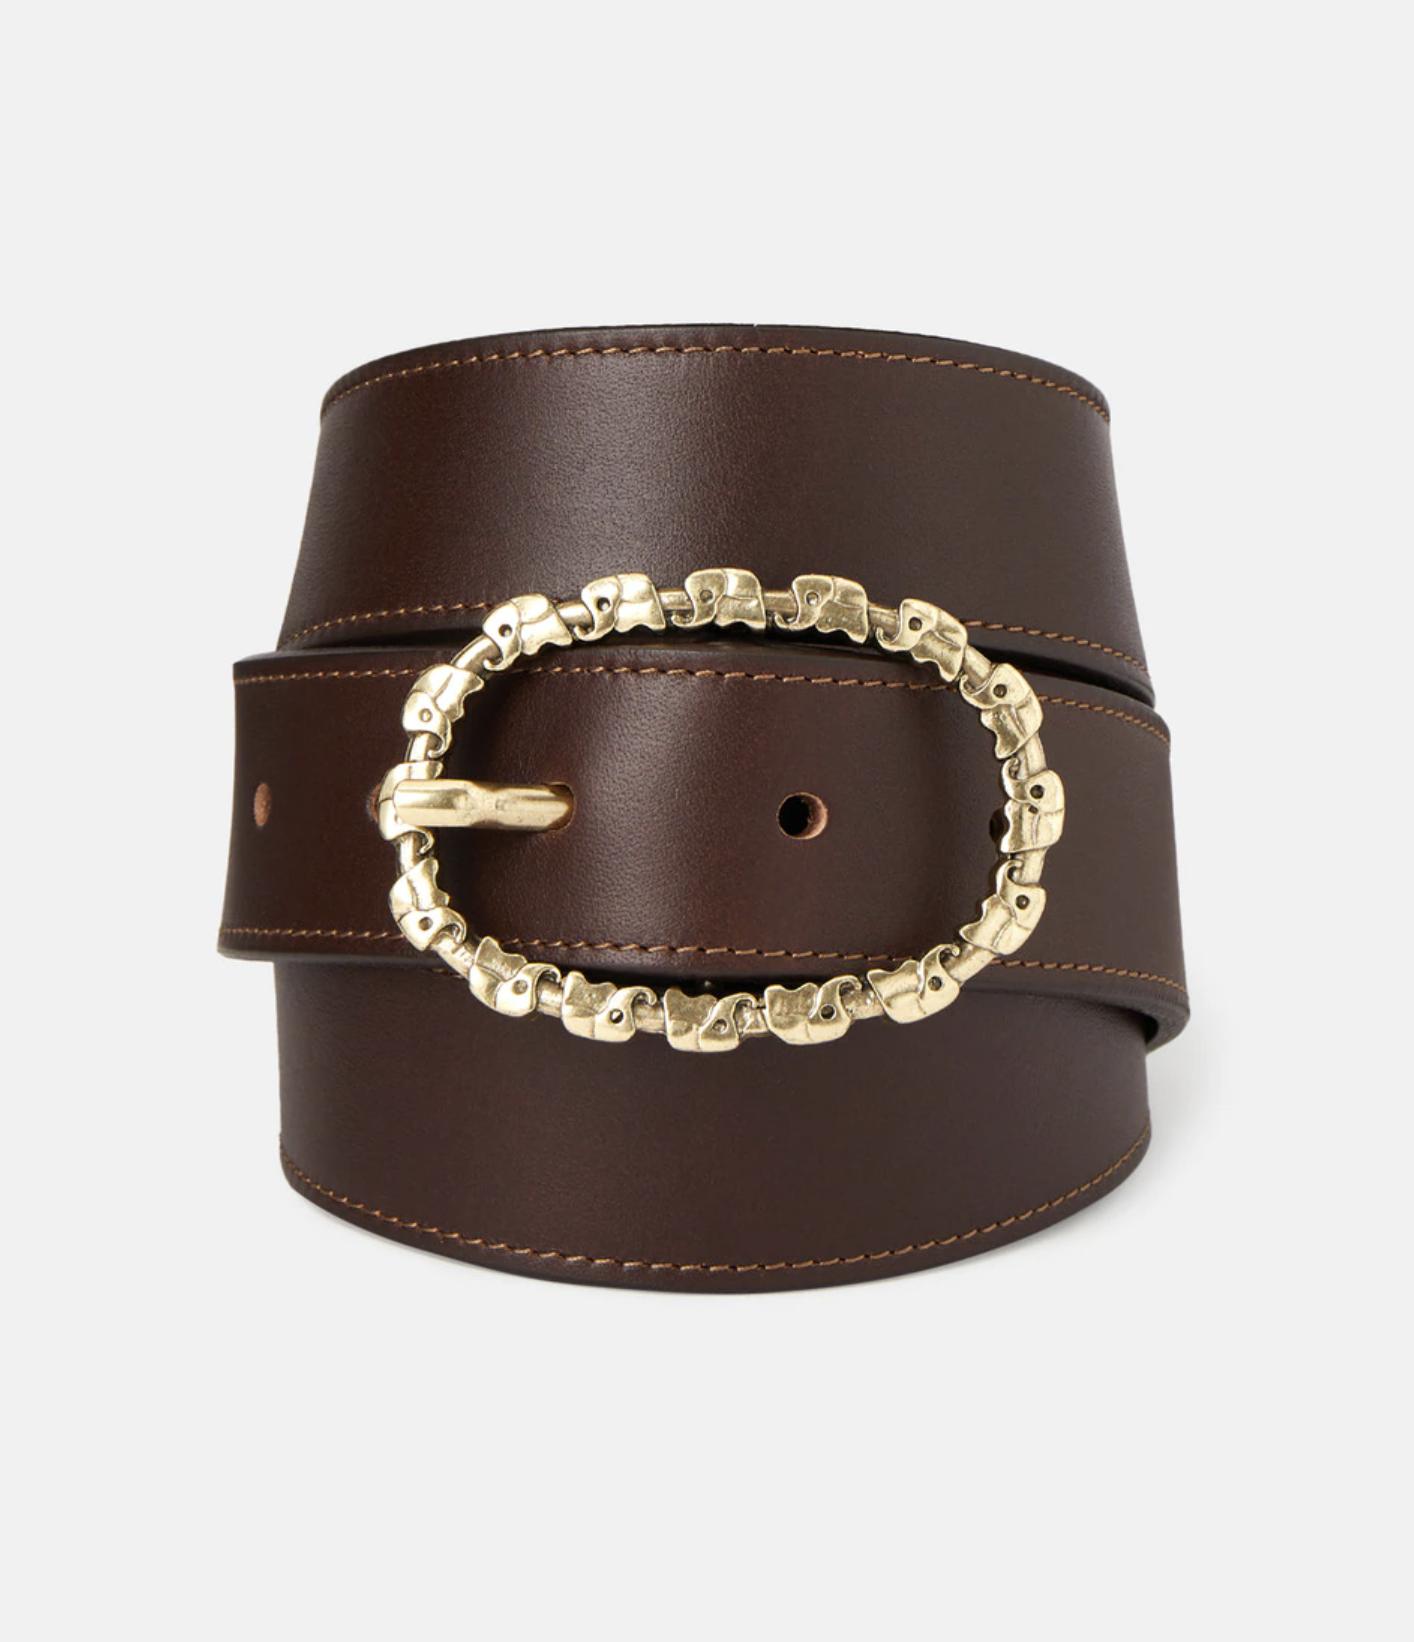 Cinturón de mujer El Caballo de piel en marrón con hebilla doble